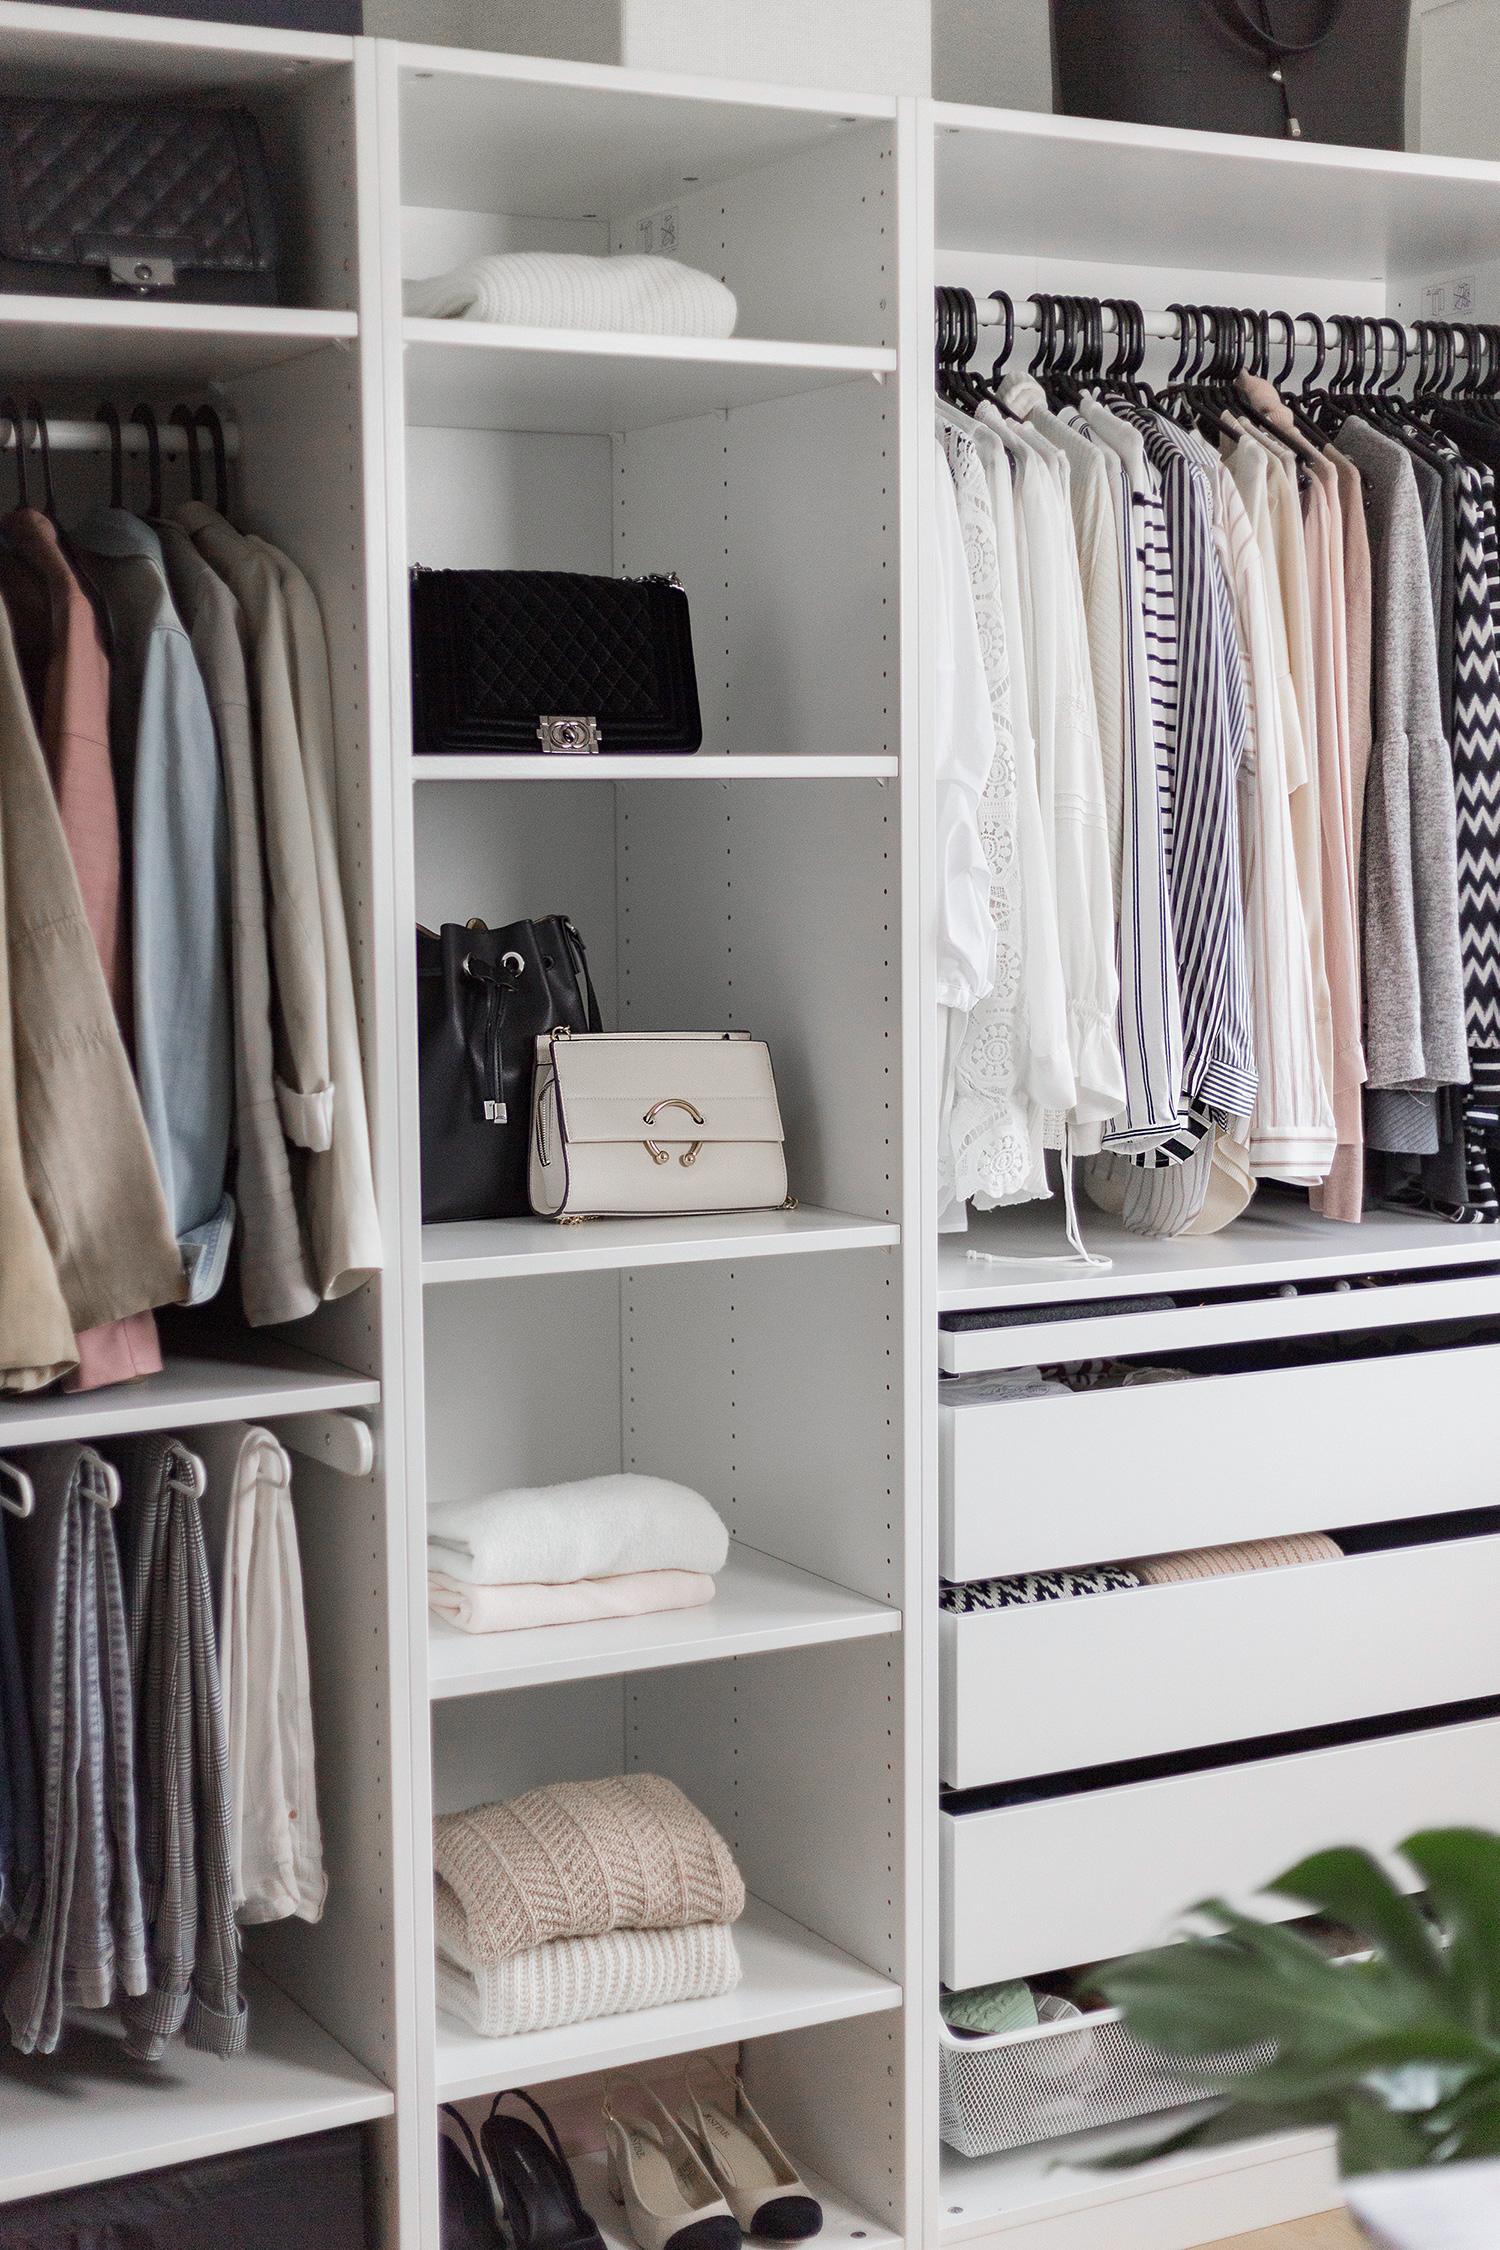 Kleiderschrank aufräumen - mit diesen Tipps funktioniert es ...